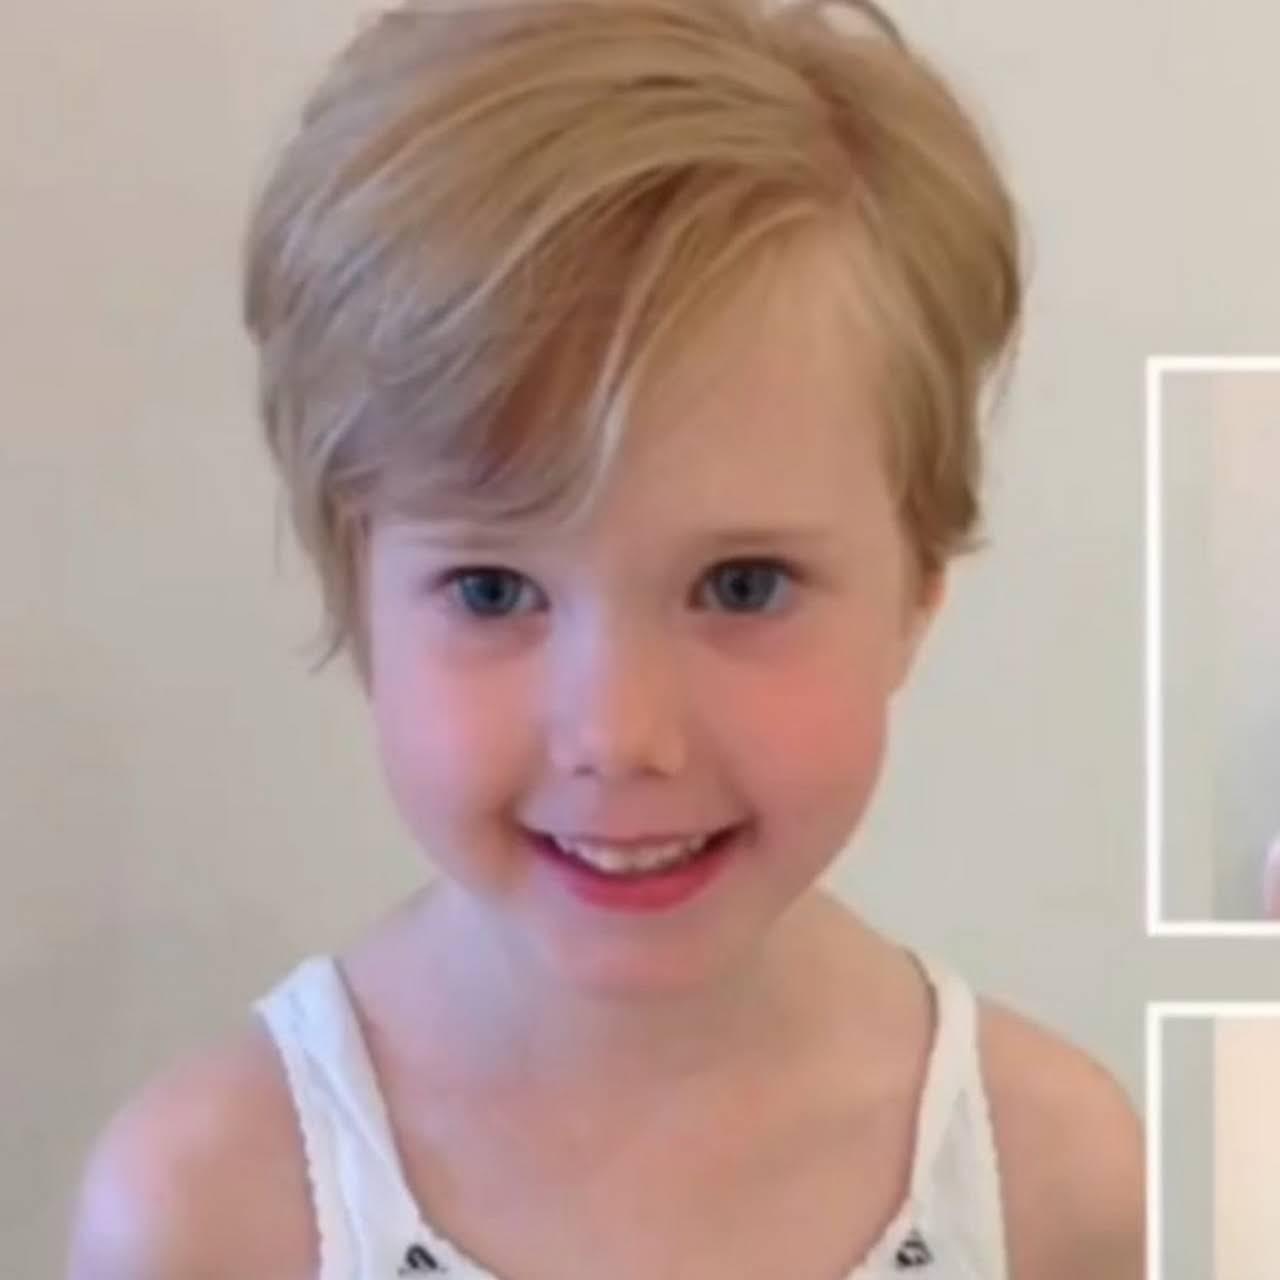 قصات شعر اطفال 2020 لم يسبق له مثيل الصور Tier3 Xyz